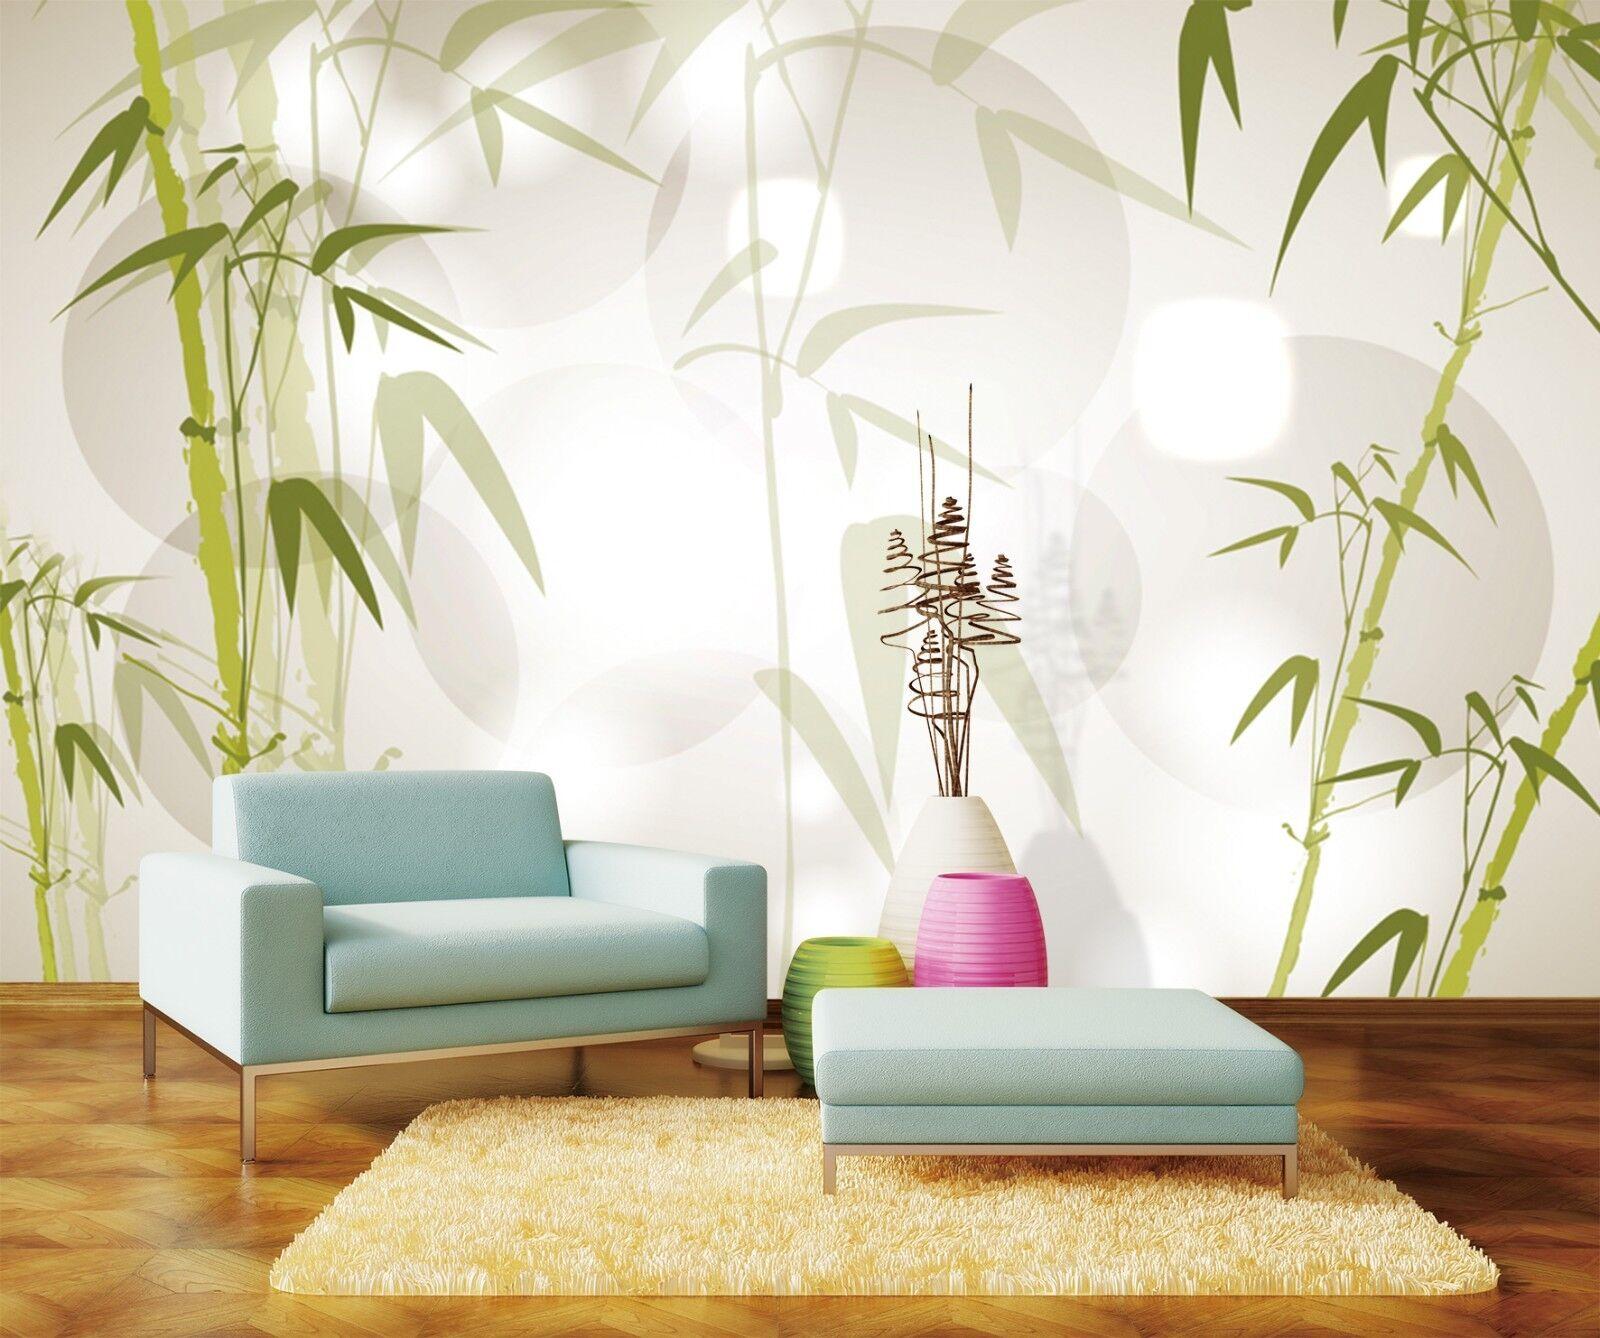 3D Bambus Blätter Muster 873 Tapete Wandgemälde Tapeten Bild Familie DE Jenny | Für Ihre Wahl  | Internationale Wahl  | Neu